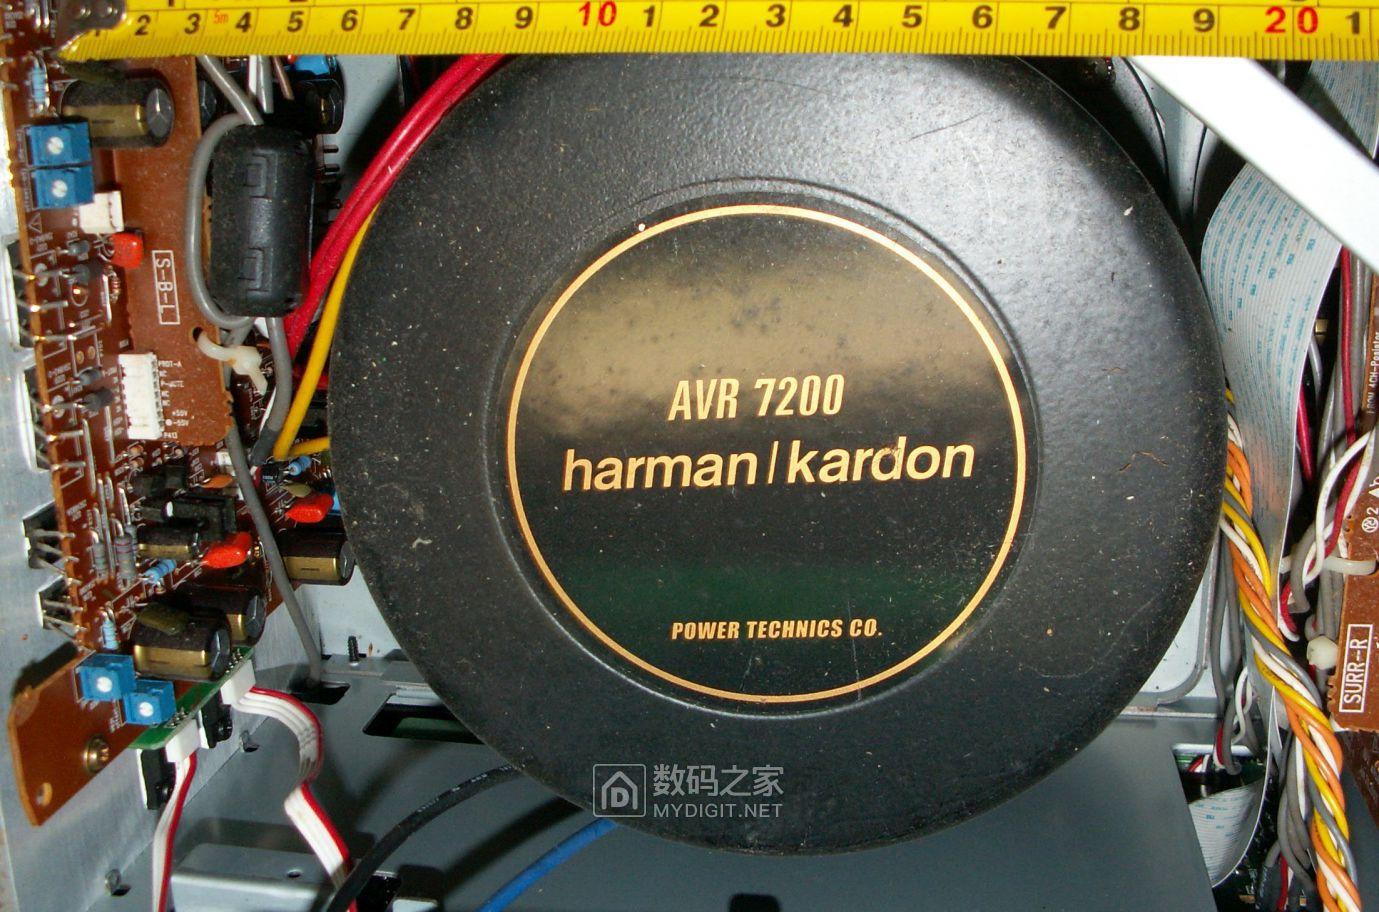 【热点】维修利利普OWON-SDS8102V示波器旋钮失灵,拆机更换全部编码器 数码拆机百科 第30张